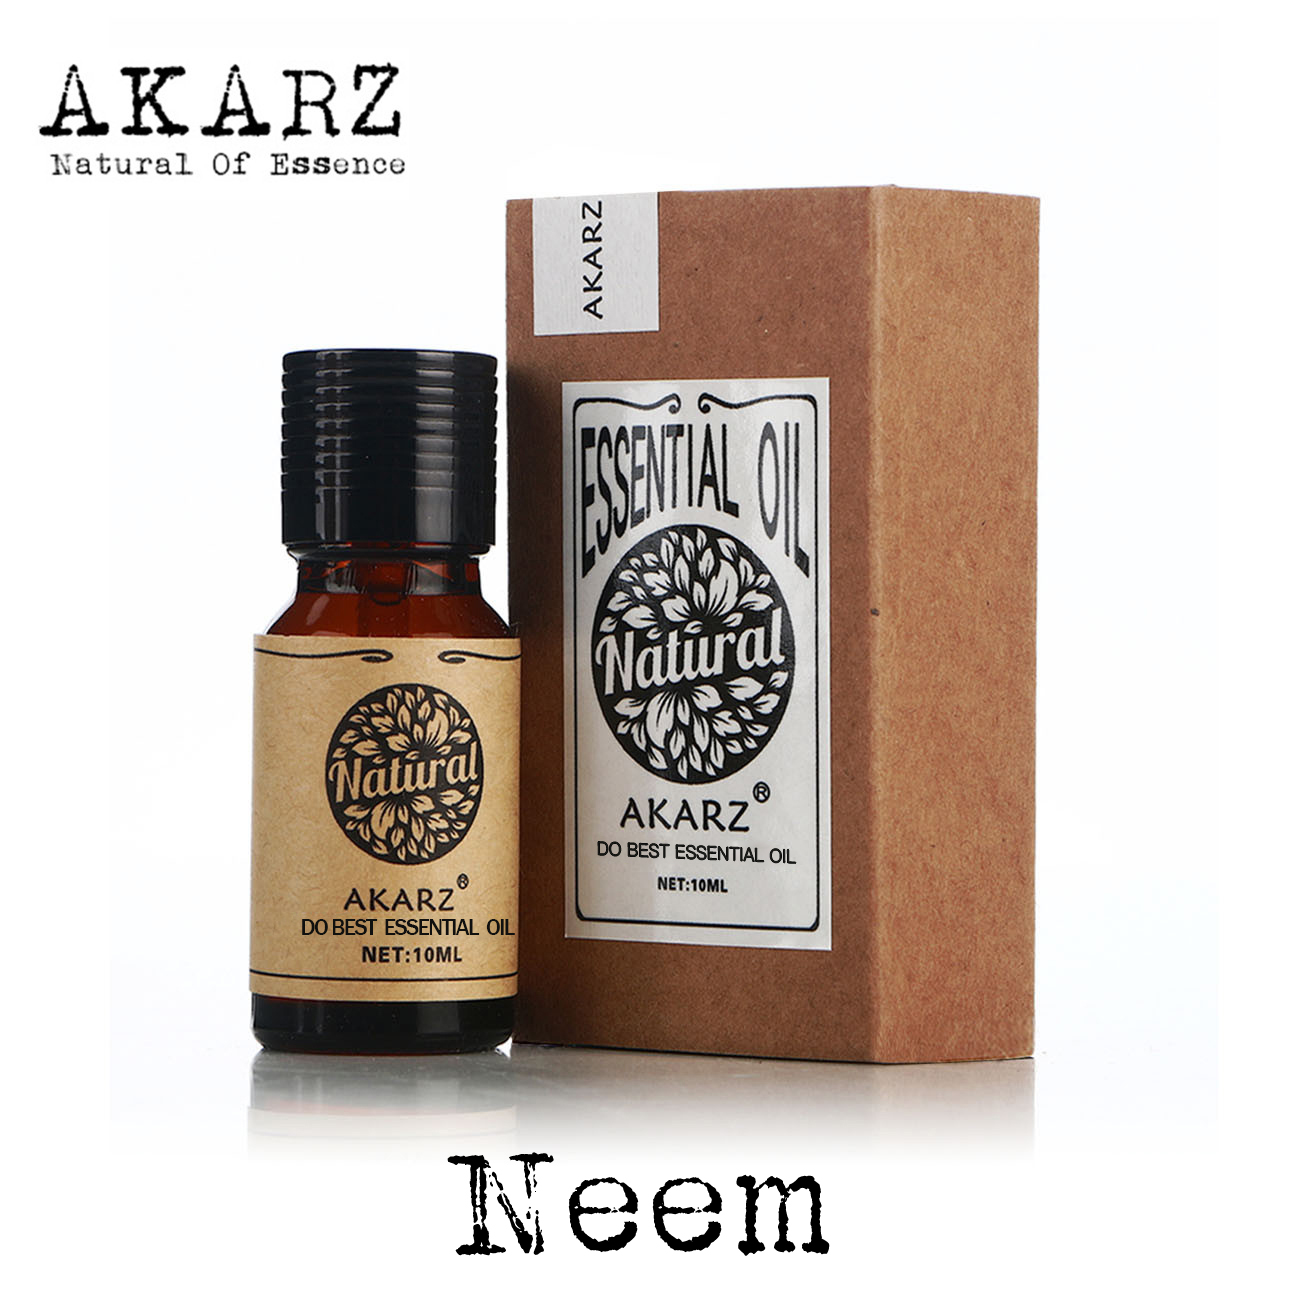 AKARZ известный бренд Натуральное эфирное масло Neem инсектицидная дезинфекция ингибирует рост насекомых вредителей Neem масло